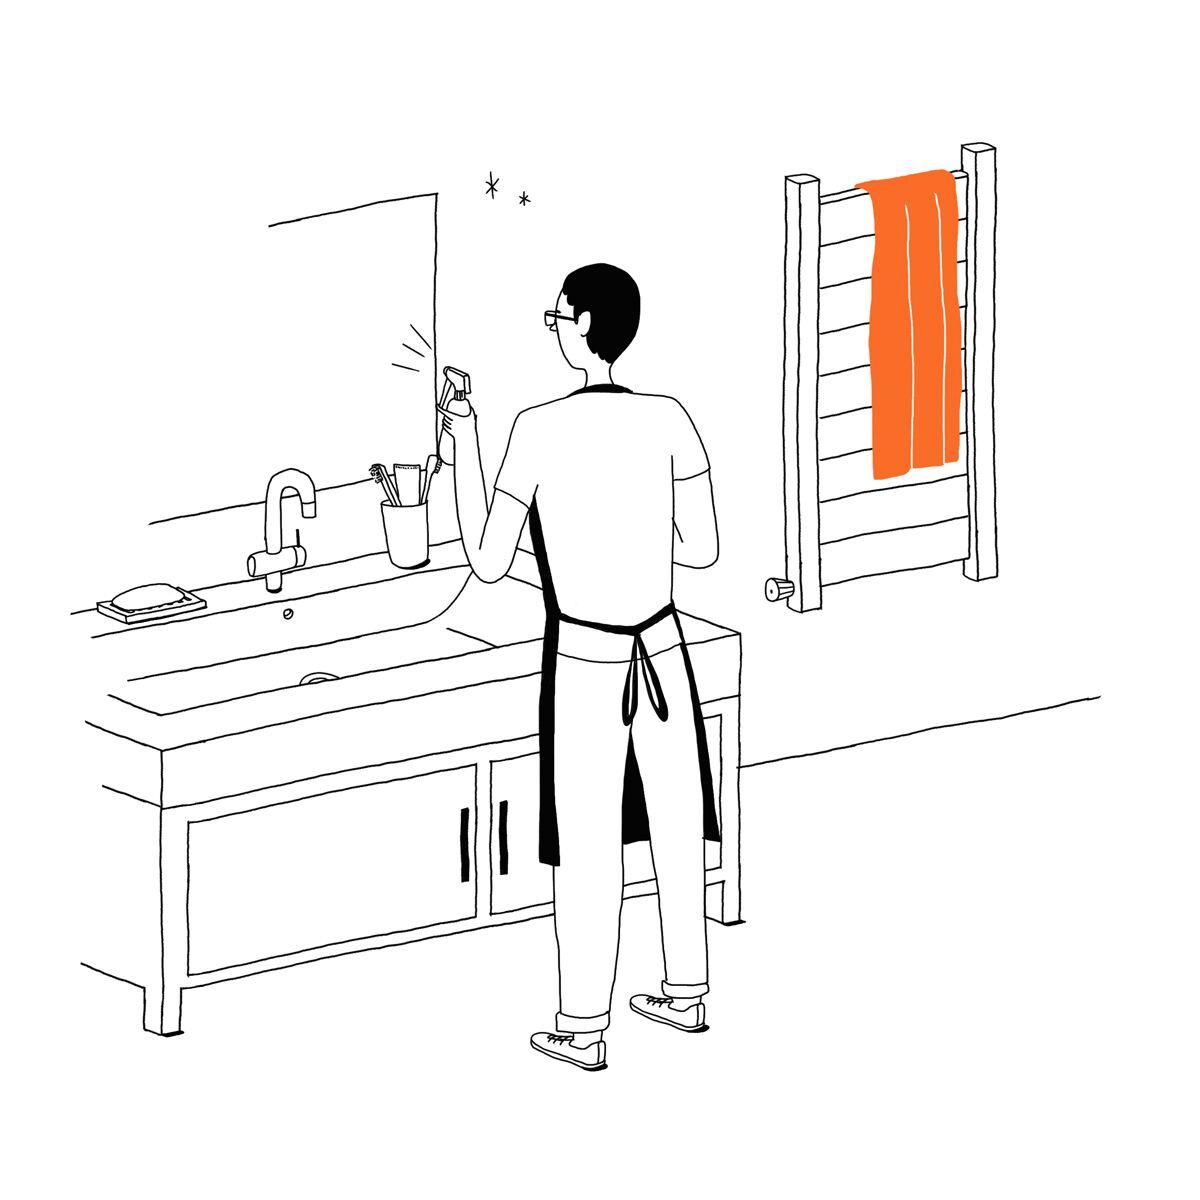 Un homme asperge le miroir d'une salle de bain avec un produit nettoyant.